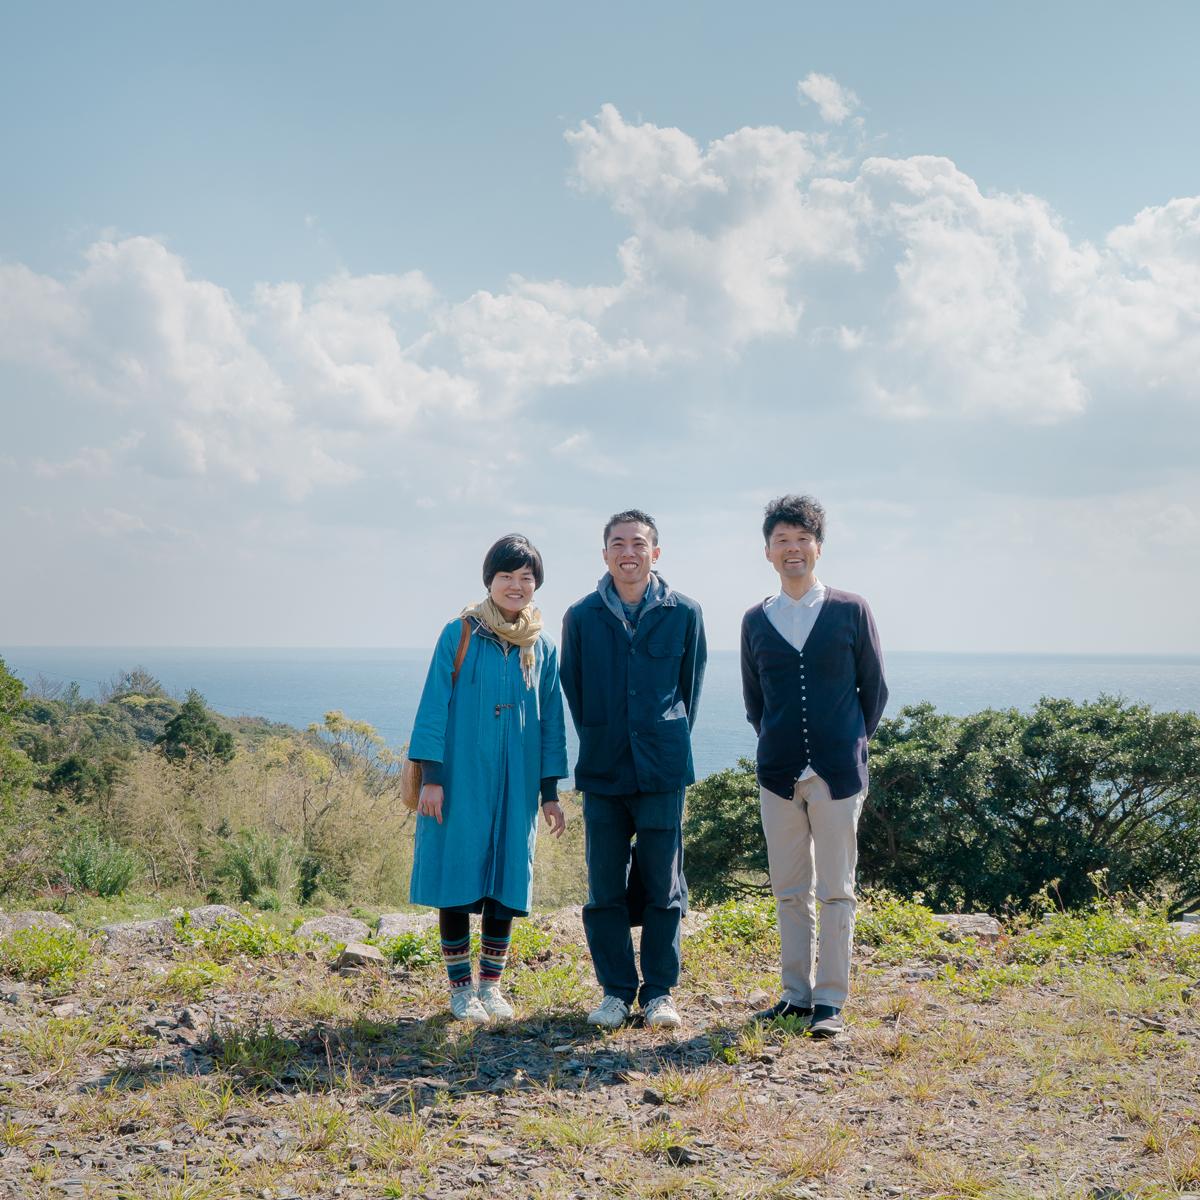 ついに屋久島へ。ホームタウン鹿児島で、自分たちだけの結婚指輪を作ること。